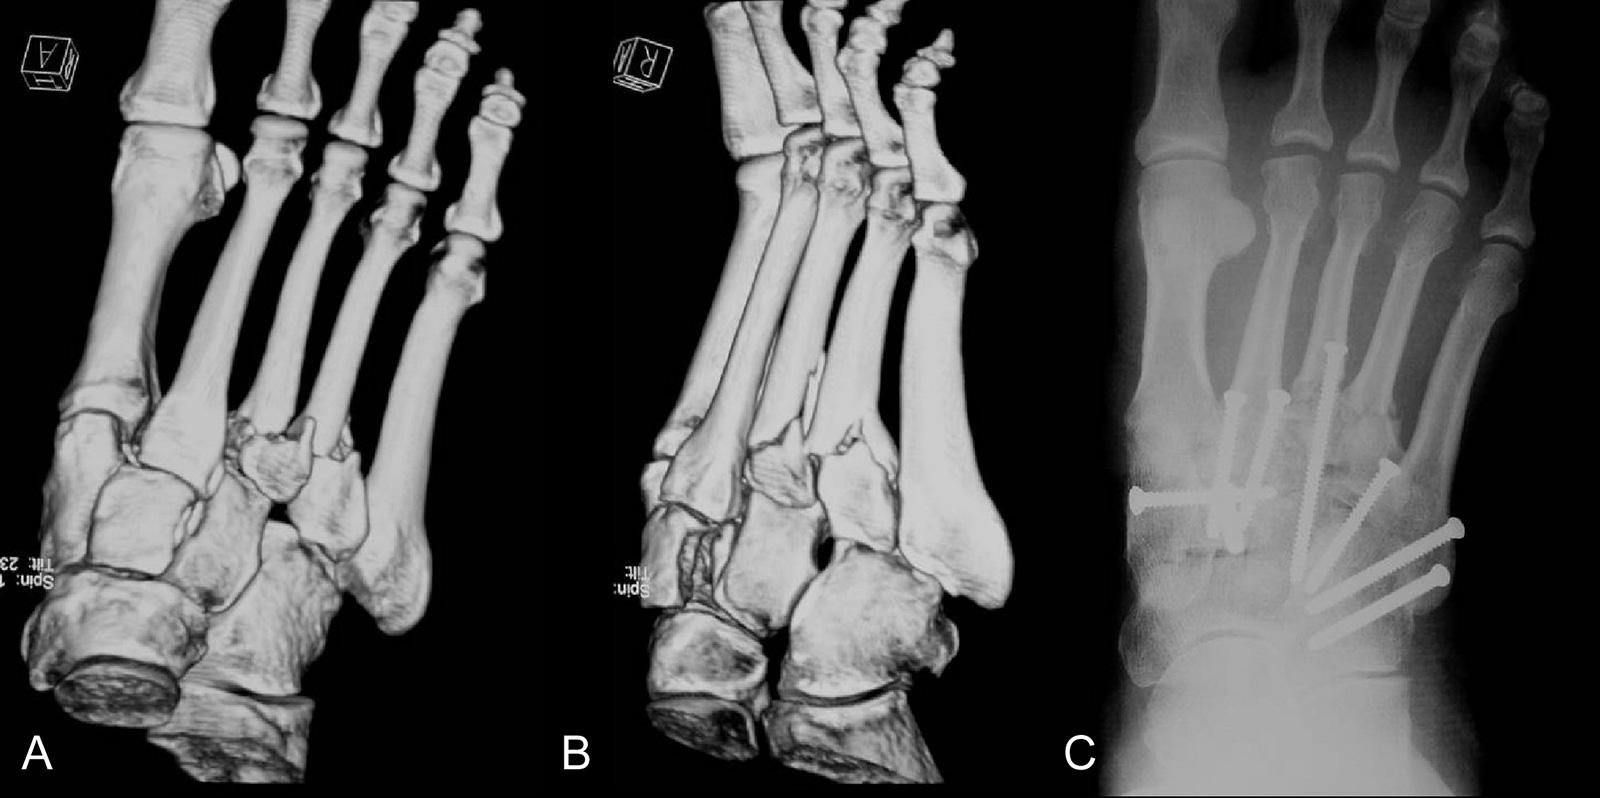 Abb. 3-61: Präoperative 3-D CT-Rekonstruktion (A,B) und postoperatives (C) Röntgenbild einer LisfrancLuxationsfraktur